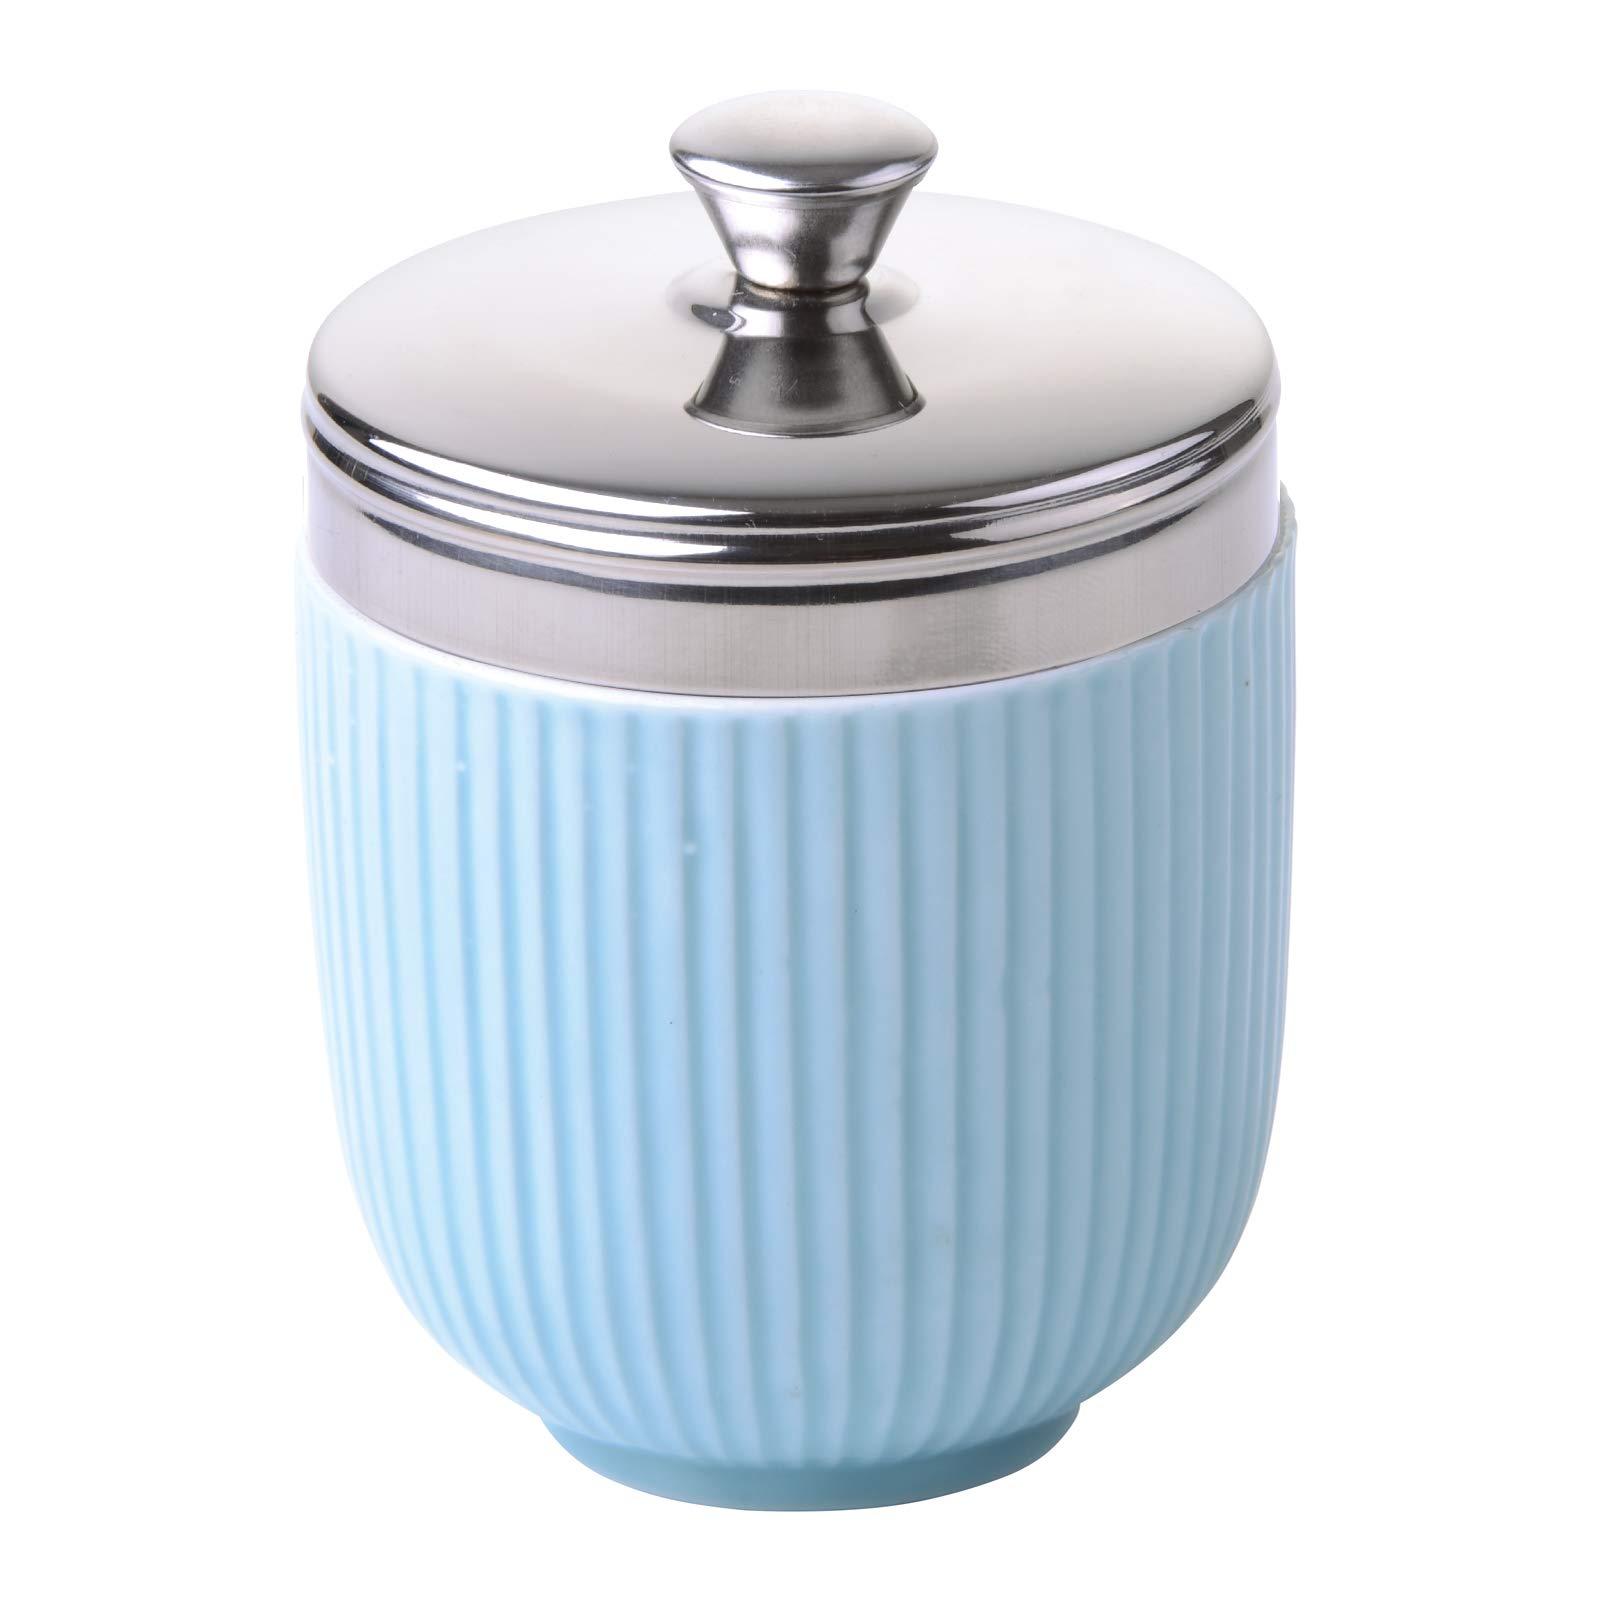 BIA Egg Coddler, Porcelain, Blue Fluted, Single